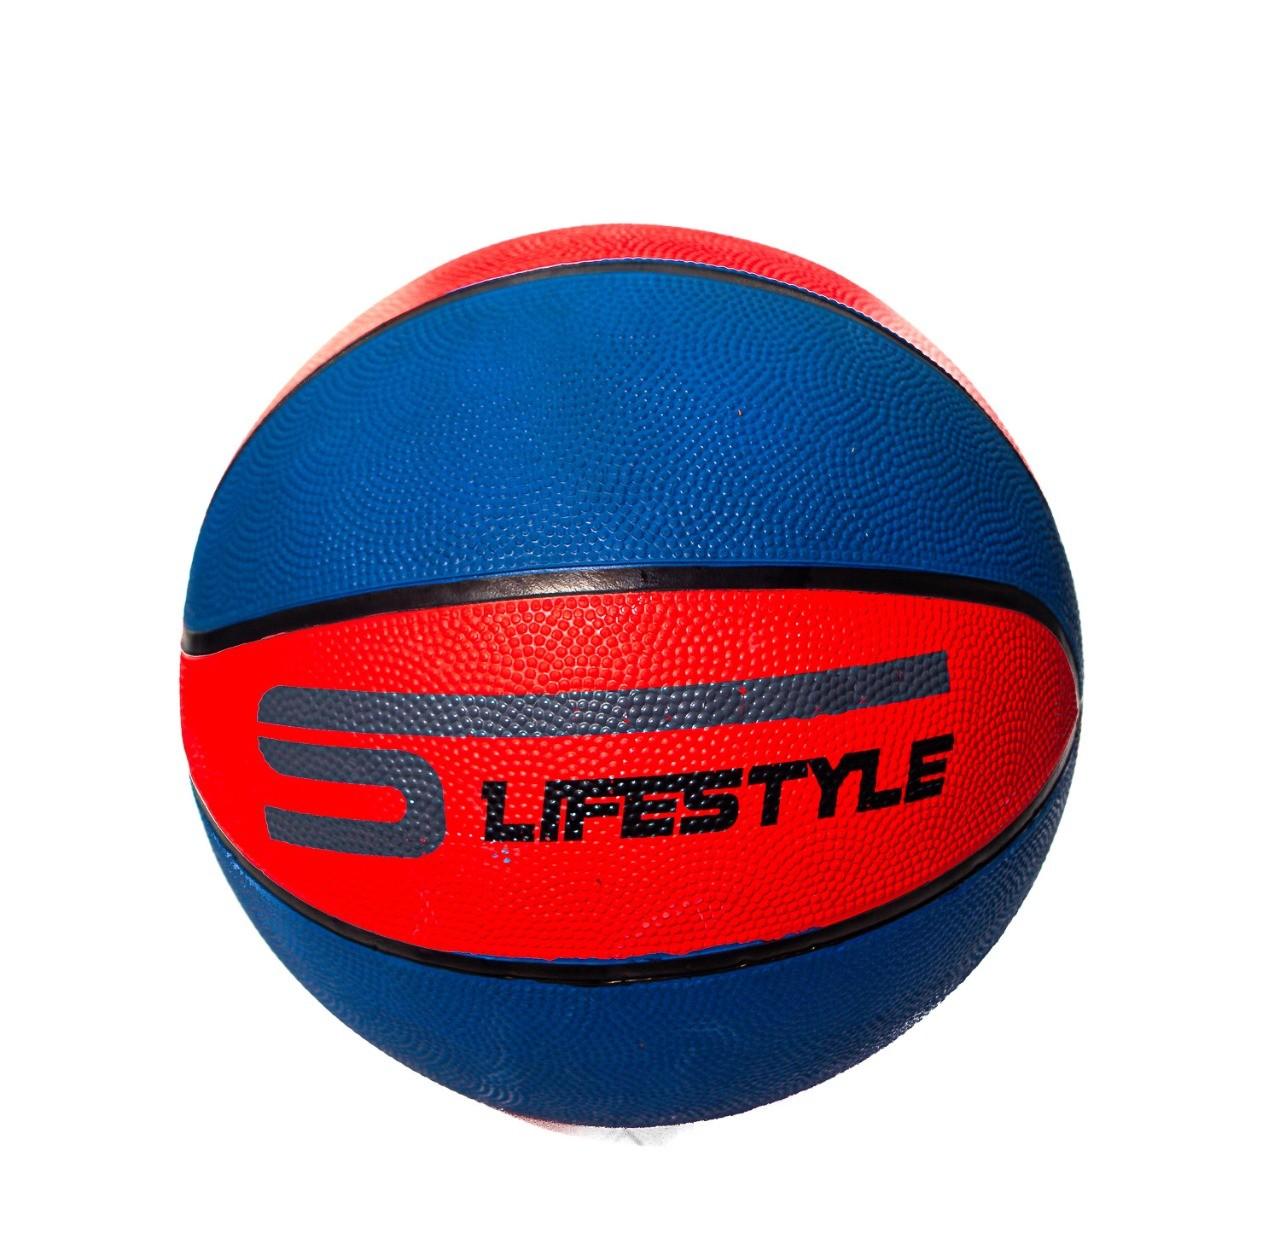 Bola De Basquete 7 Vermelha E Azul - LifeStyle  -  Mothelucci Loja online